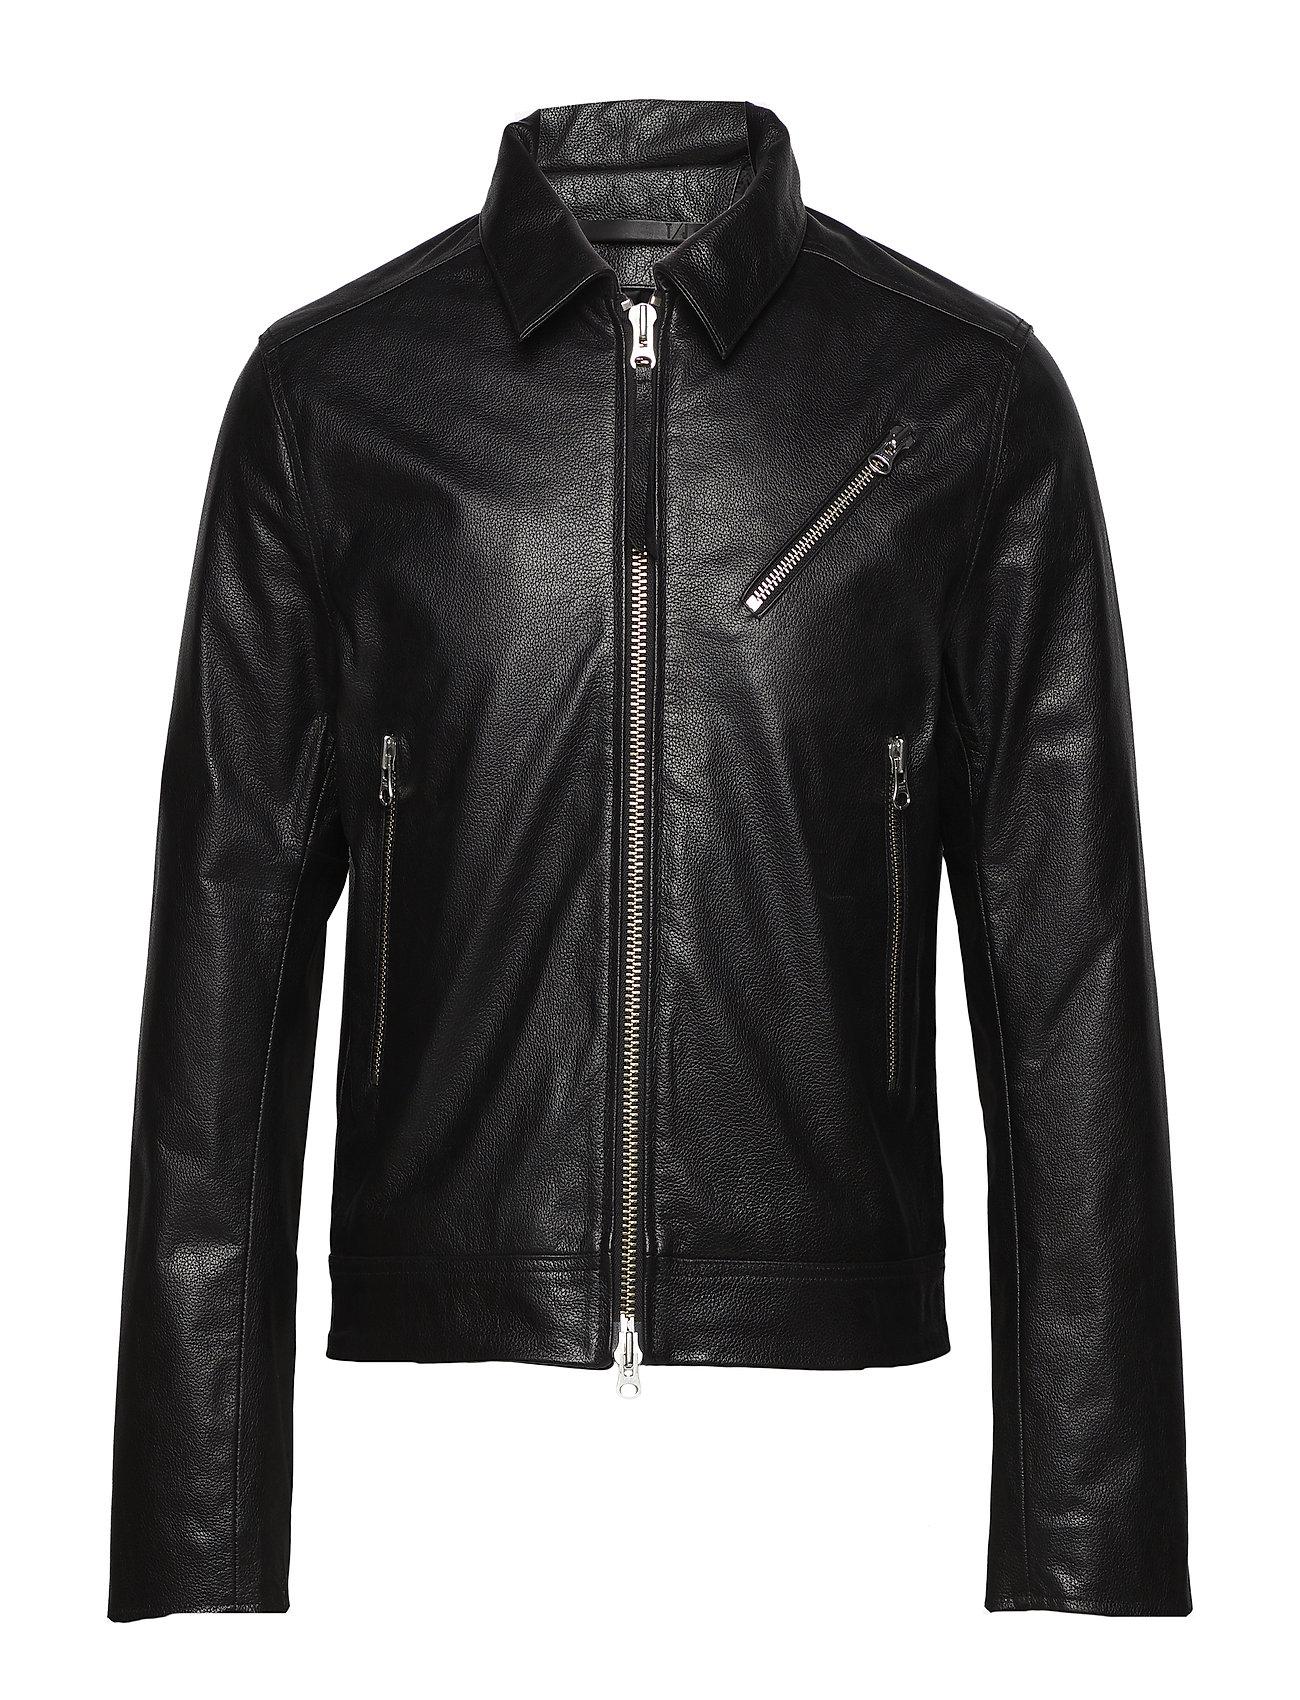 Tracker (Black) (£299.40) - Tiger of Sweden Jeans -  e05314ec658b6